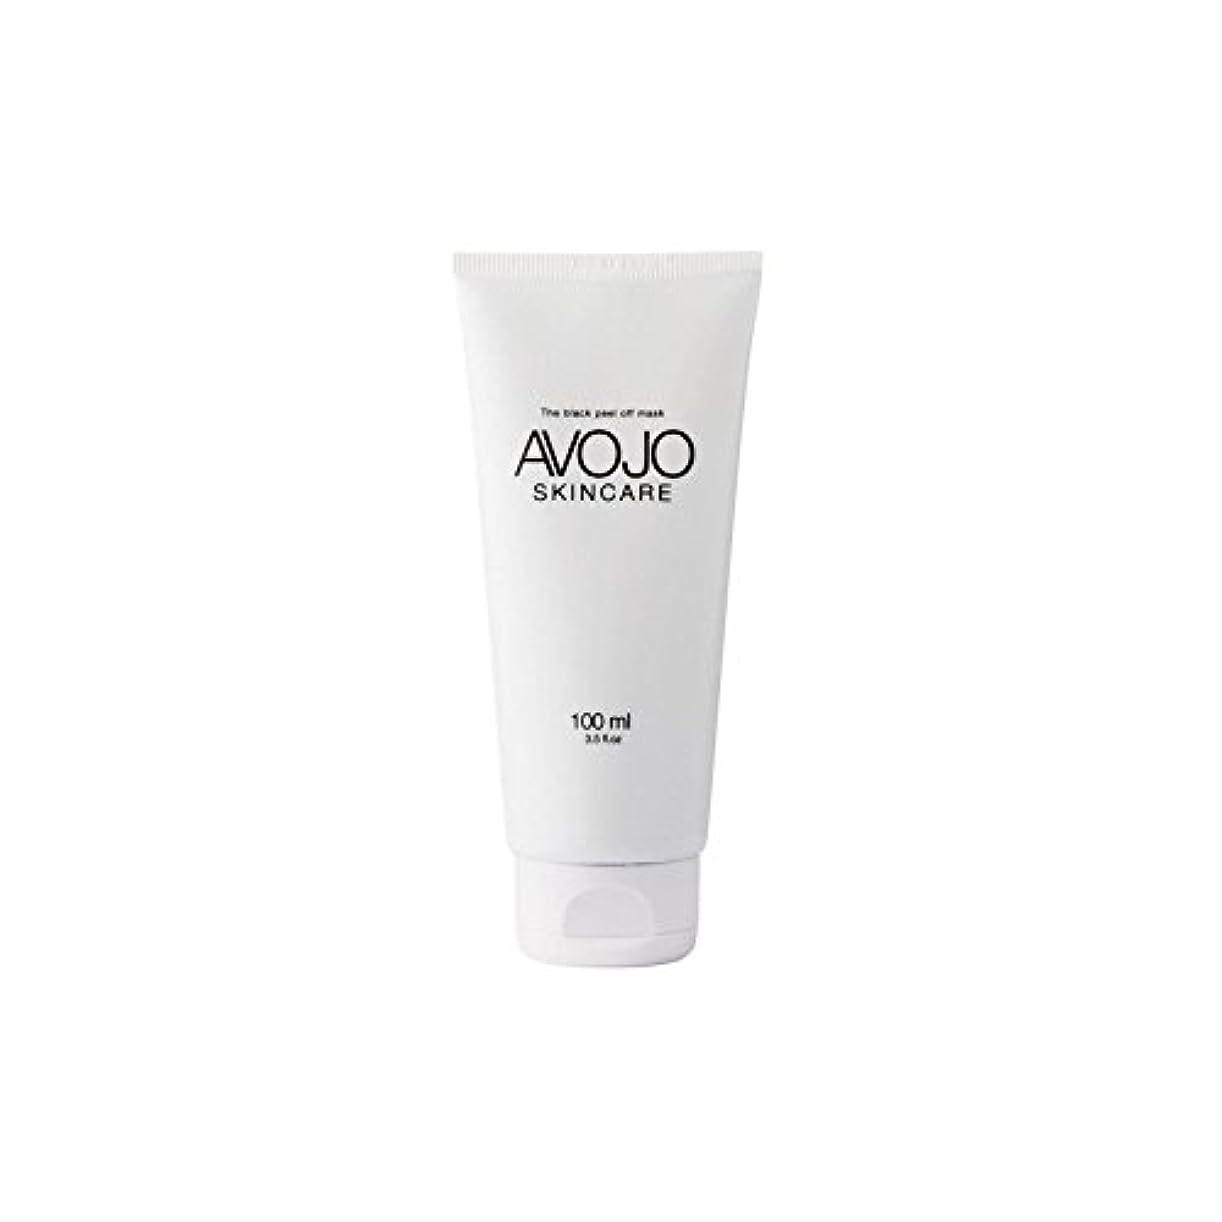 引退した数学者フランクワースリー- 黒皮オフマスク - (ボトル100ミリリットル) x4 - Avojo - The Black Peel Off Mask - (Bottle 100ml) (Pack of 4) [並行輸入品]